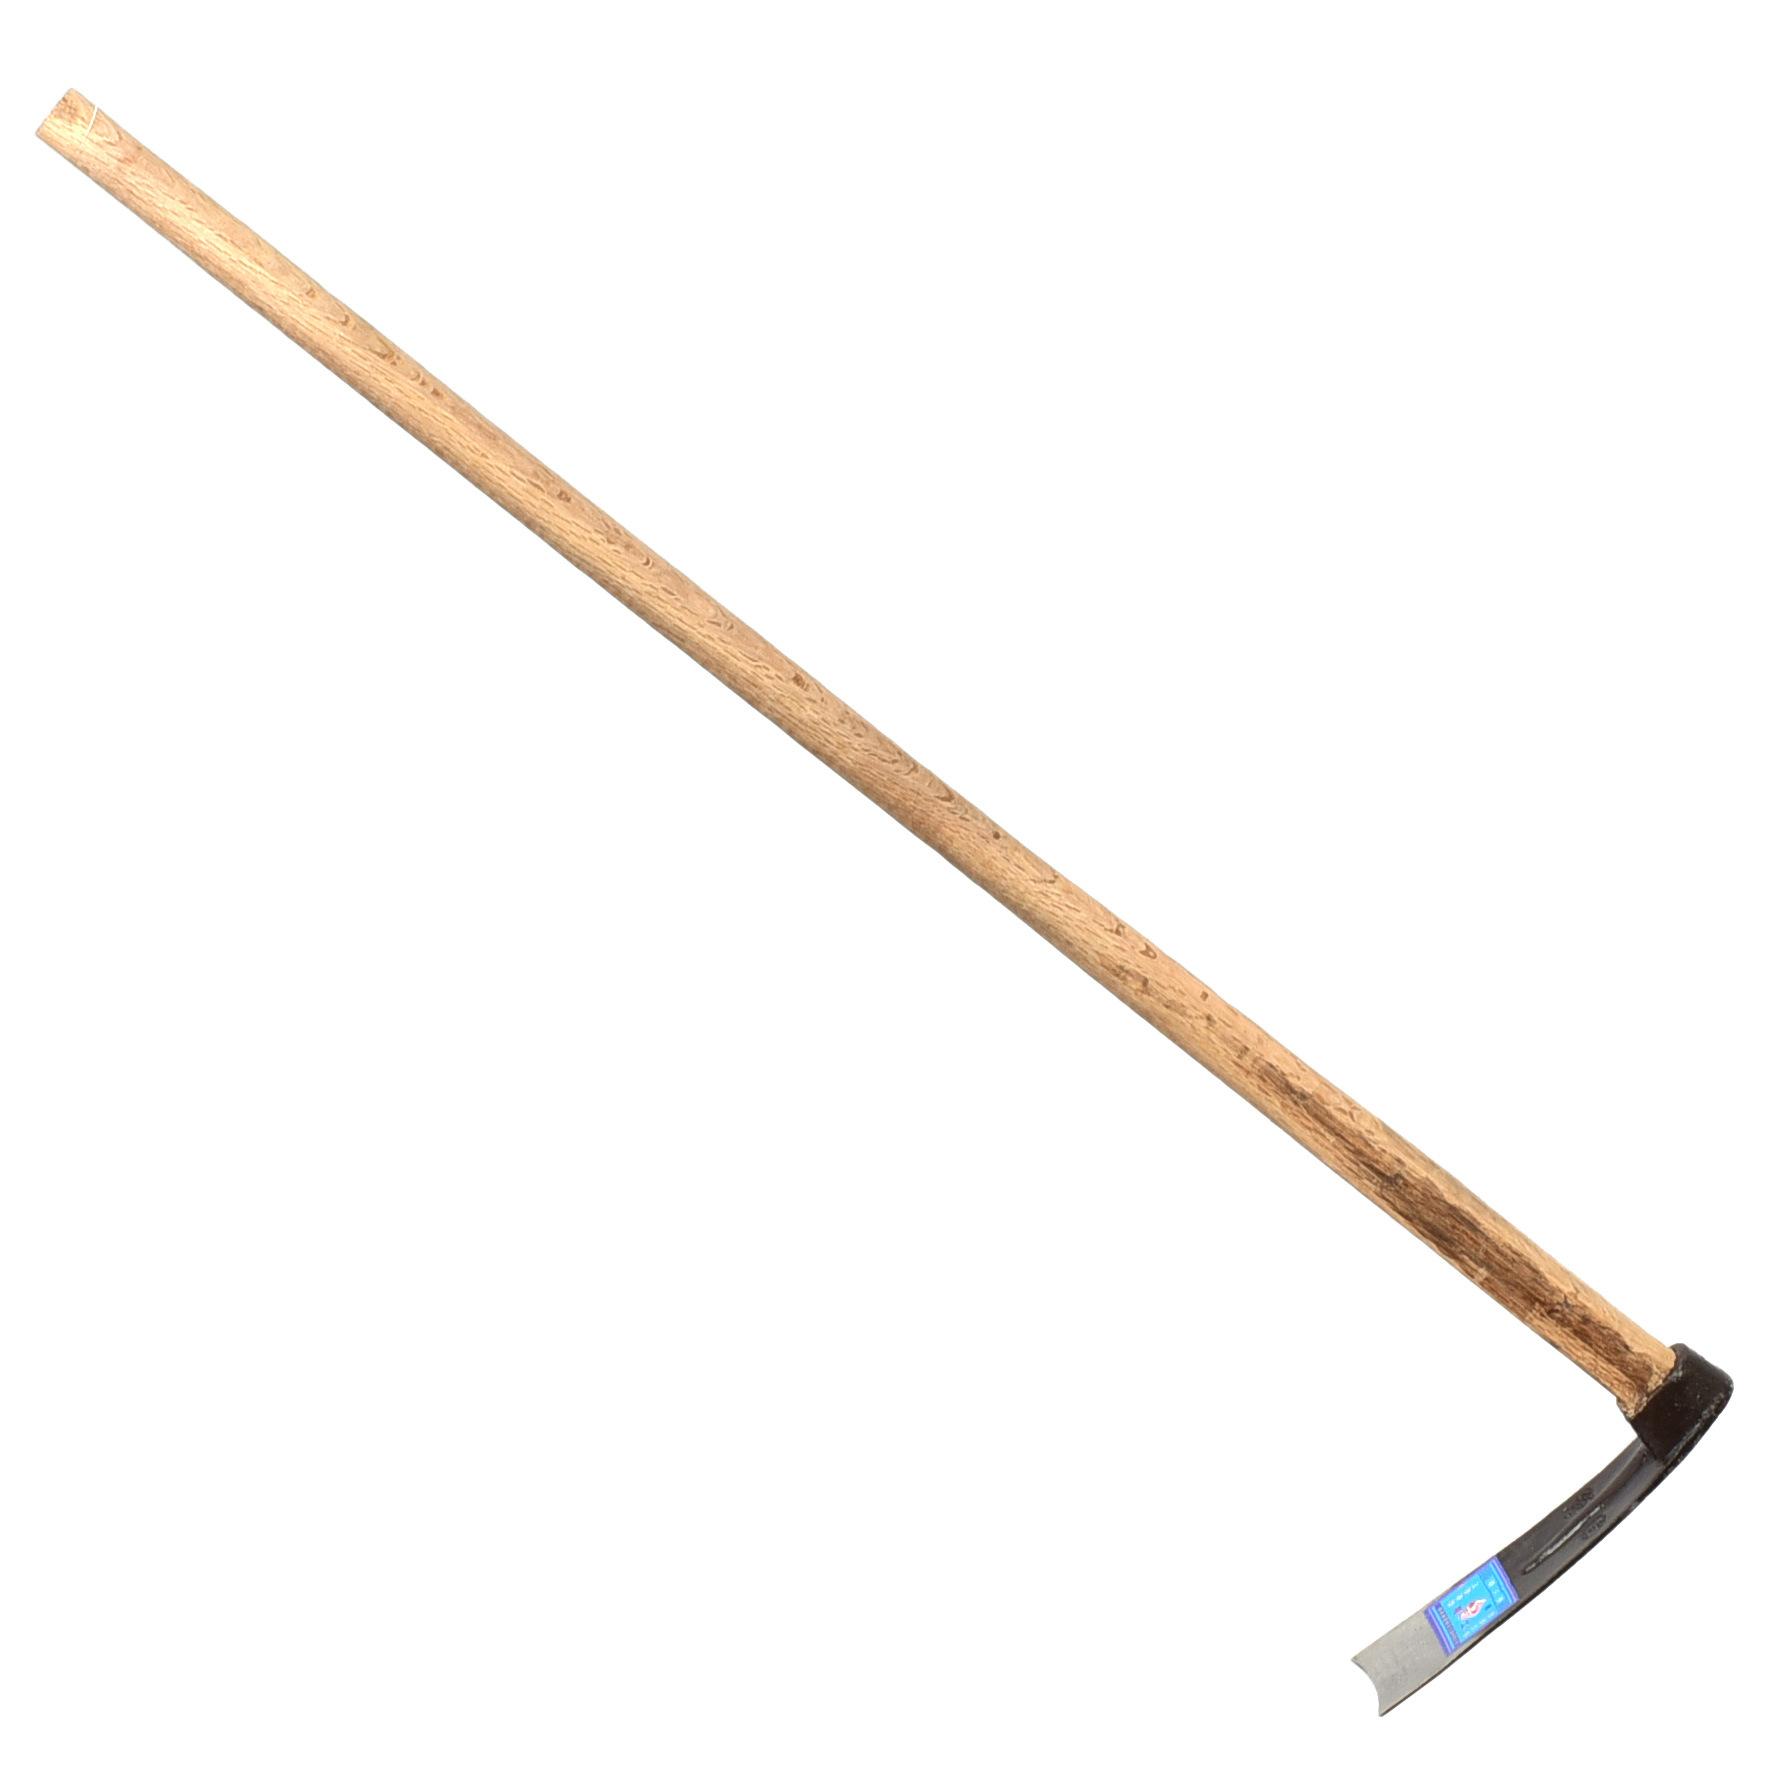 MINGGONG Dụng cụ nông nghiệp Thương hiệu công cụ làm cỏ nông nghiệp Minggong, cán dài, cuốc lớn, đào